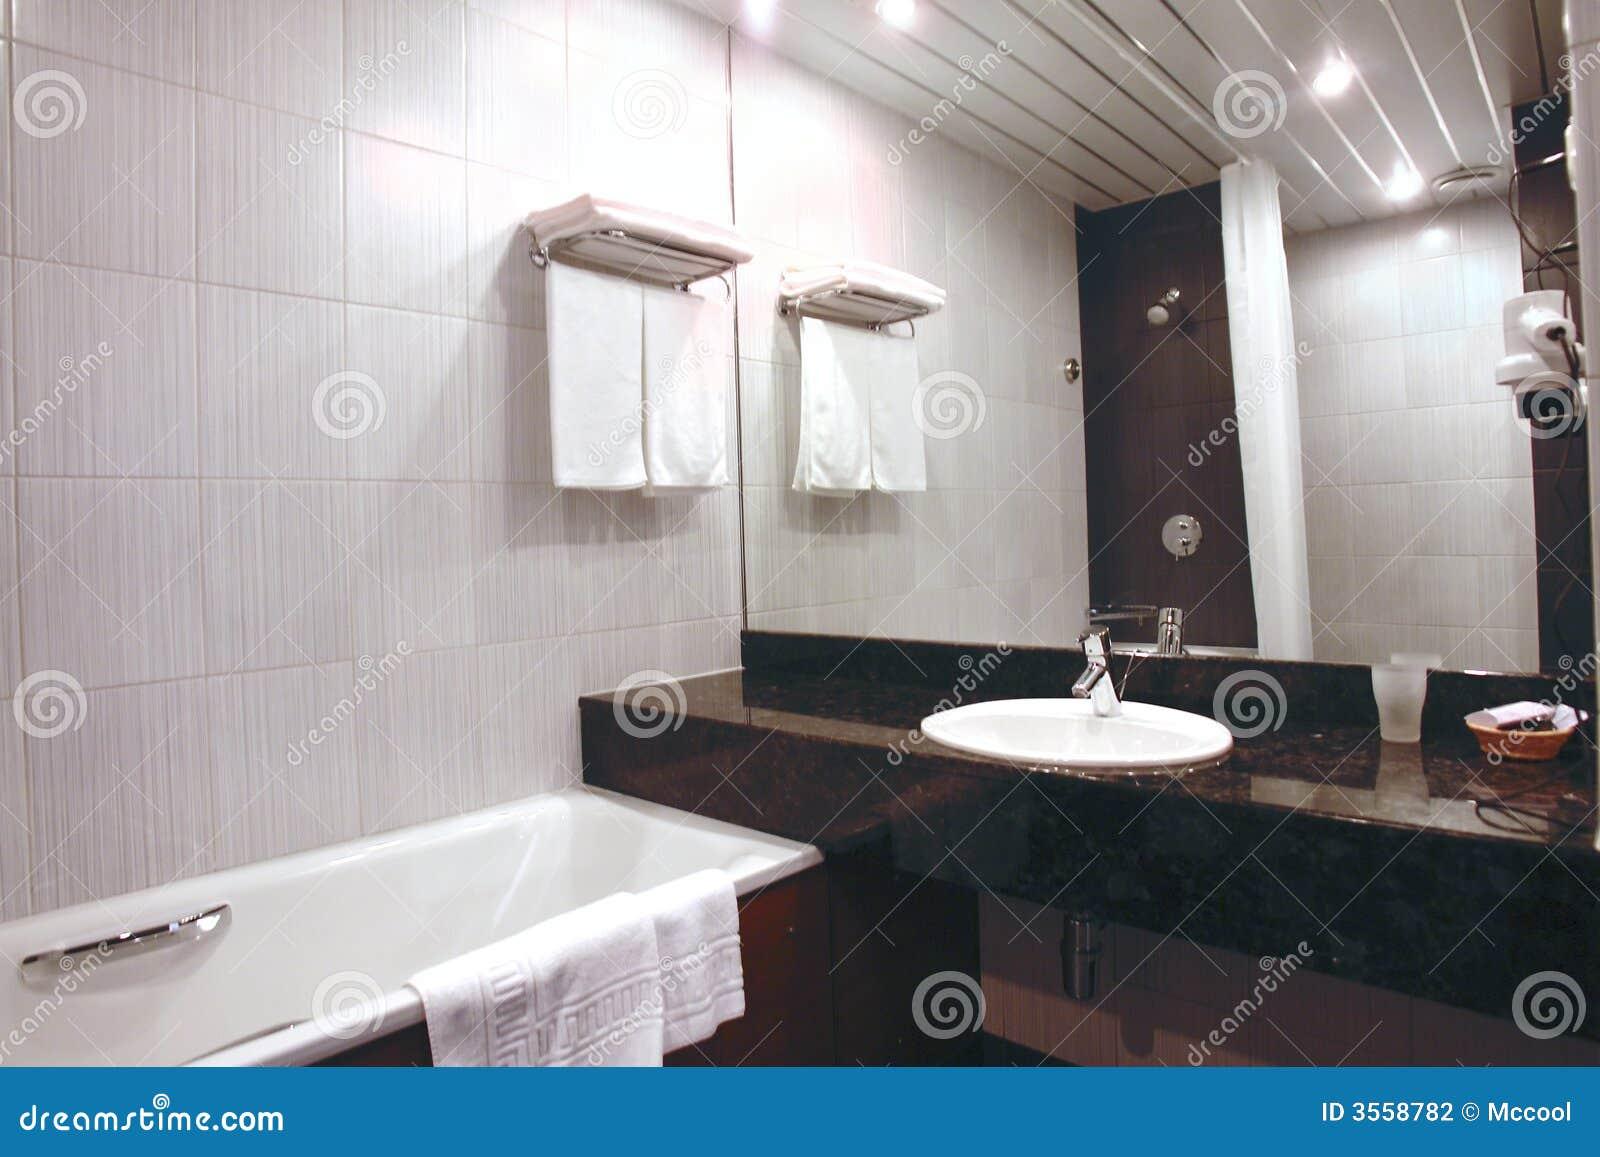 Interiore della stanza da bagno in hotel